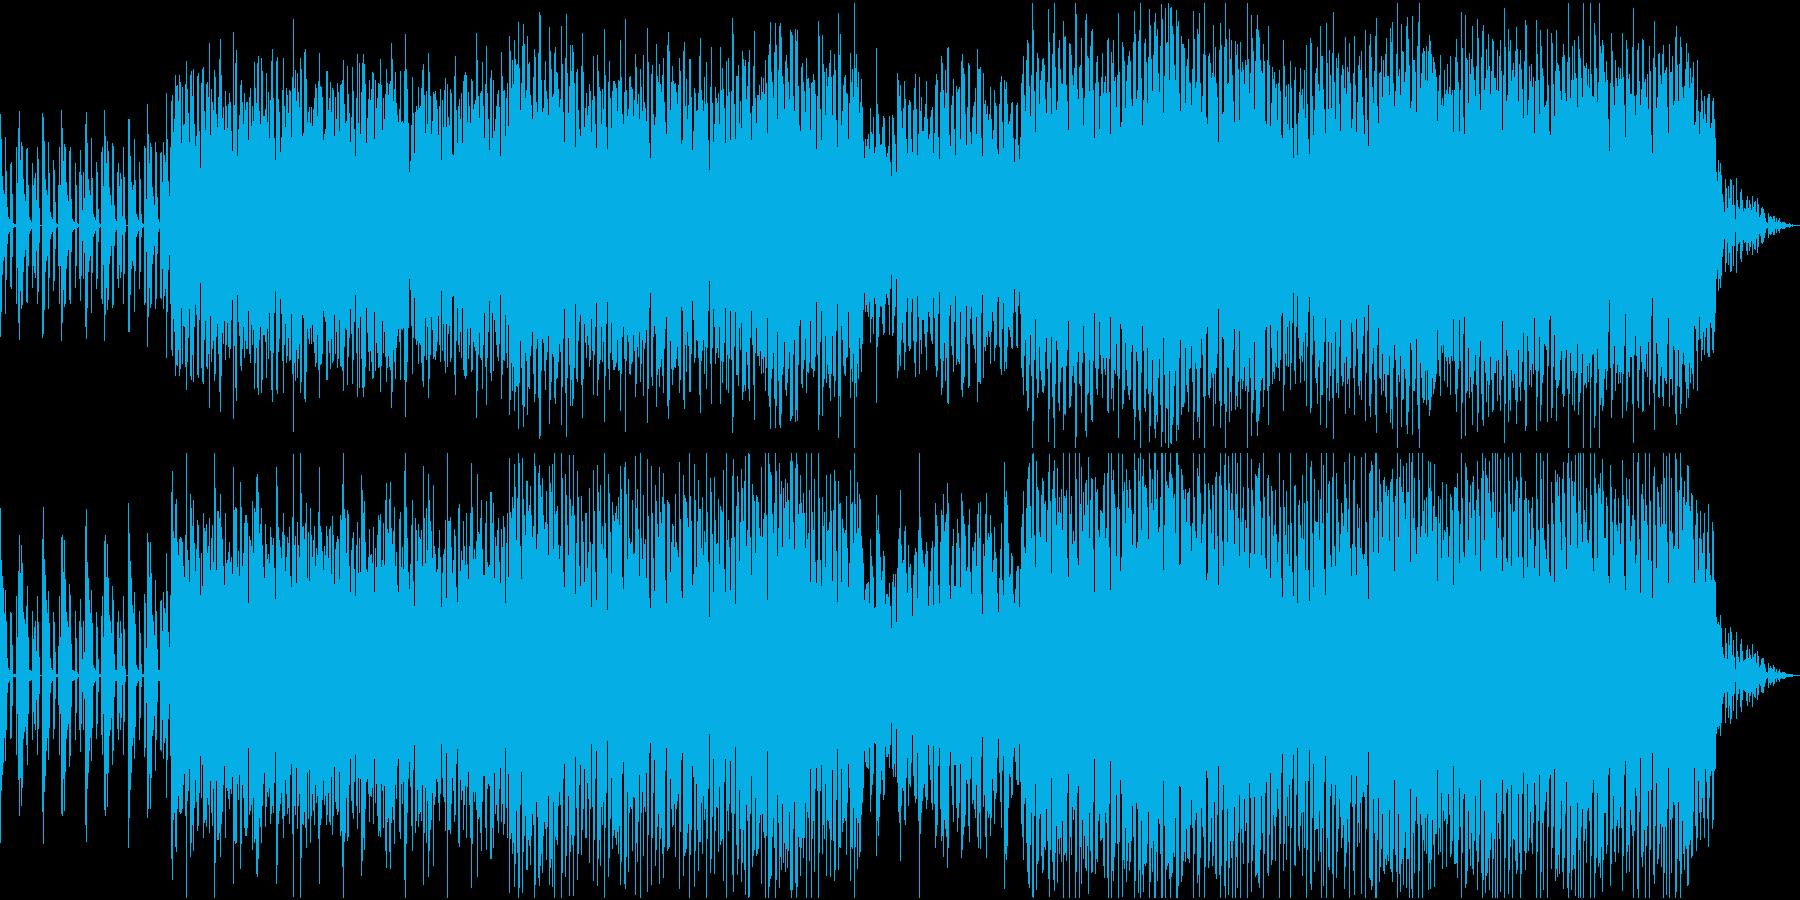 澄んだ音色が印象的な爽快なダンスチューンの再生済みの波形